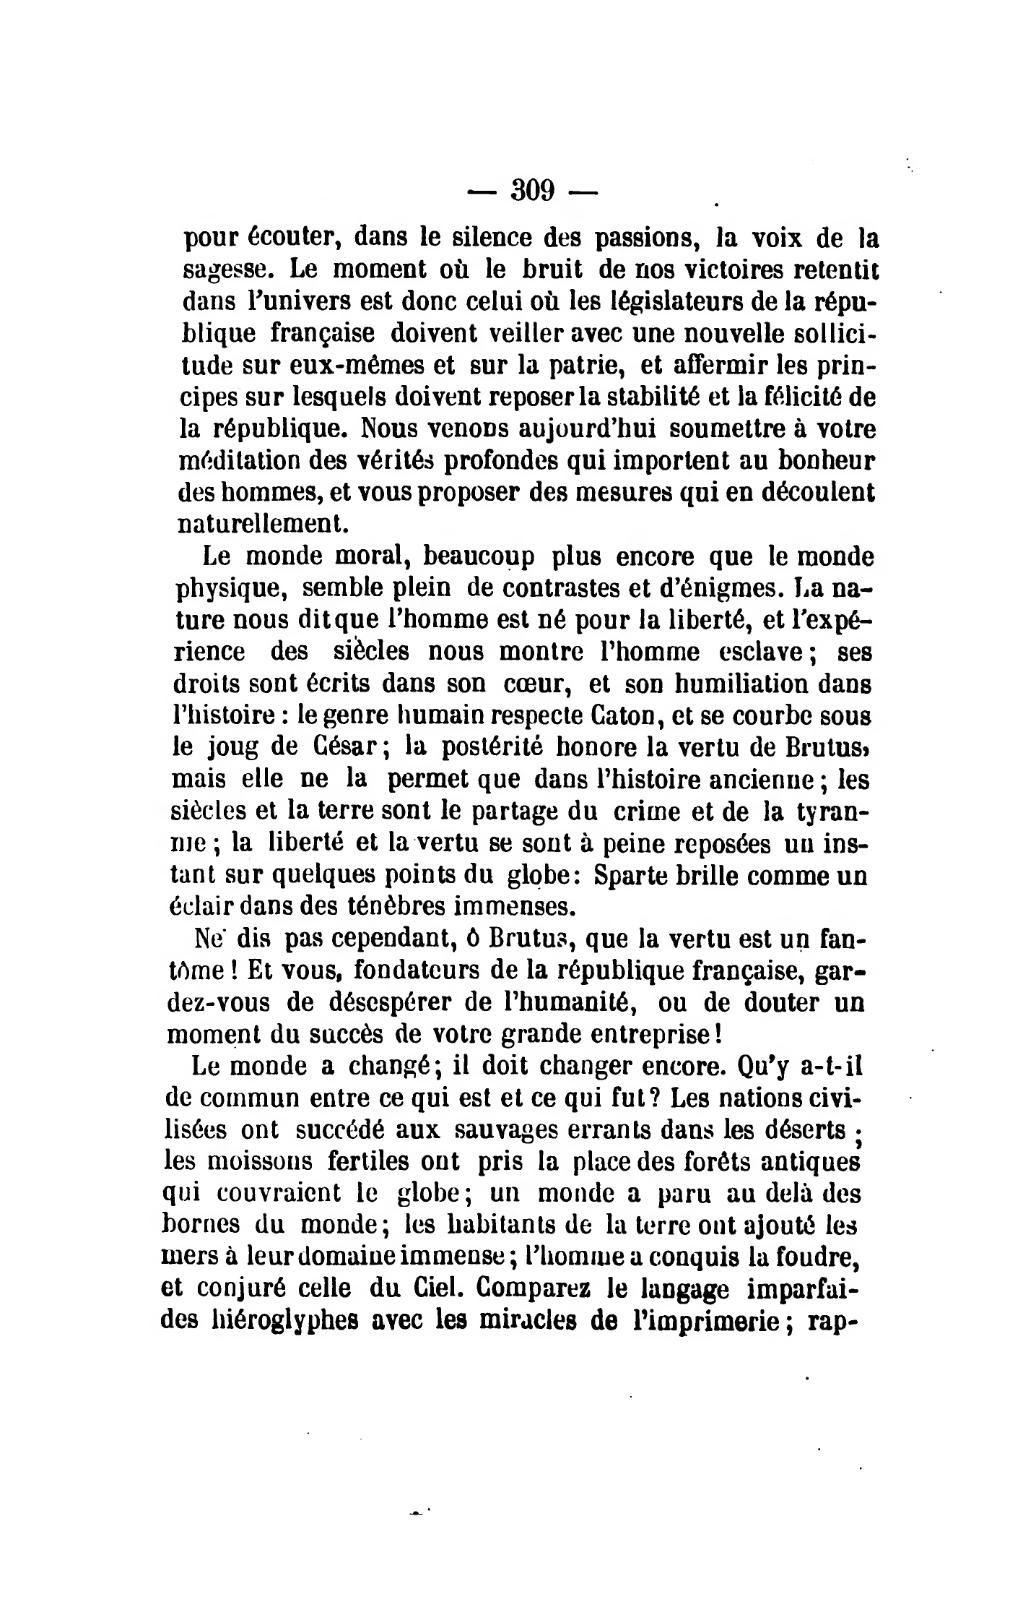 PageŒuvres de Robespierre.djvu/324 Wikisource Words